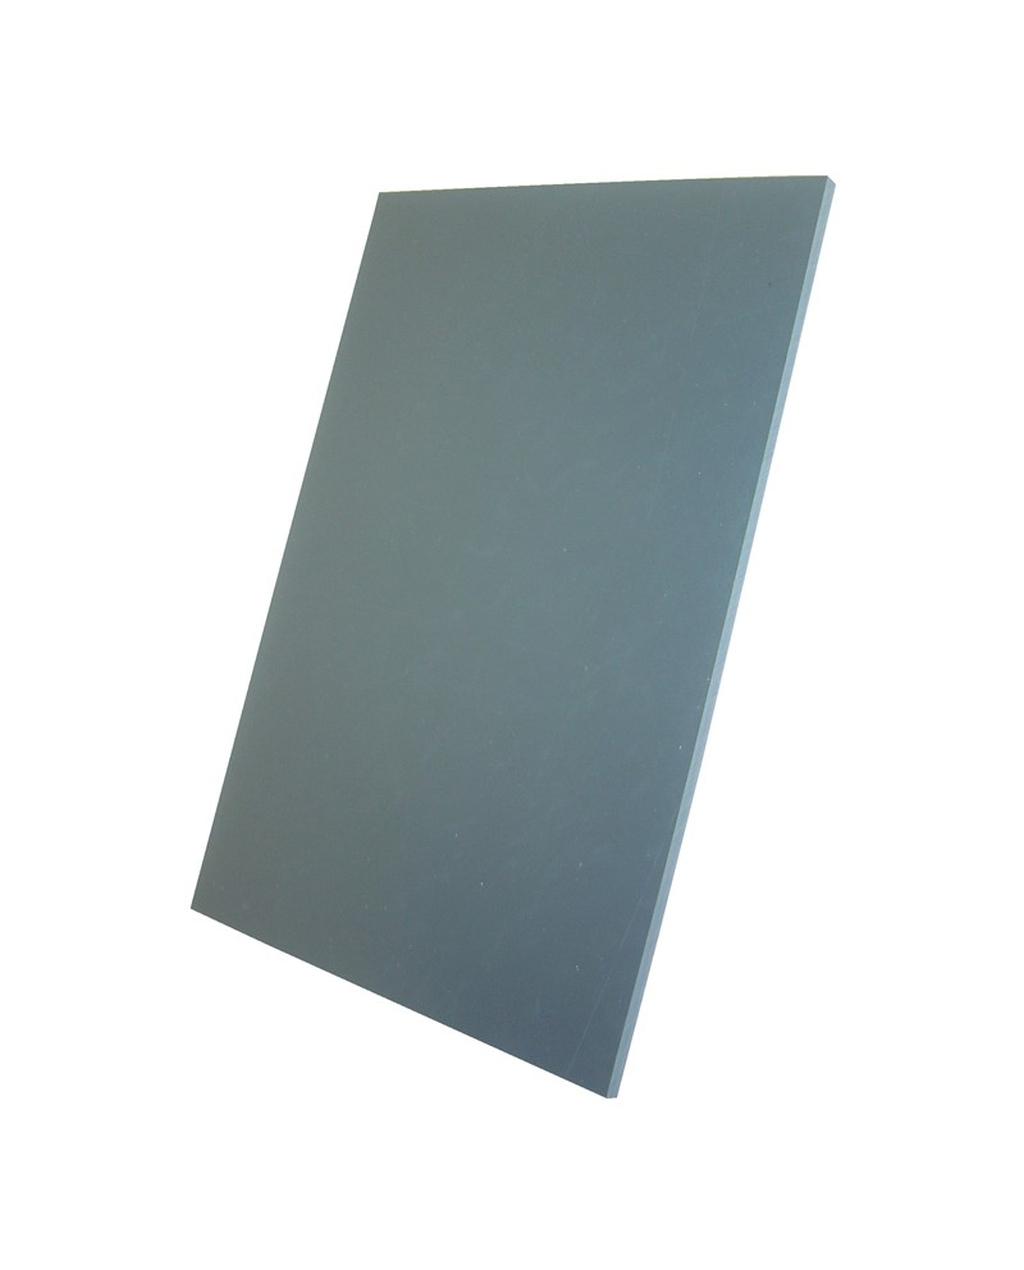 Soft Lino Sheets 10 x 15cm